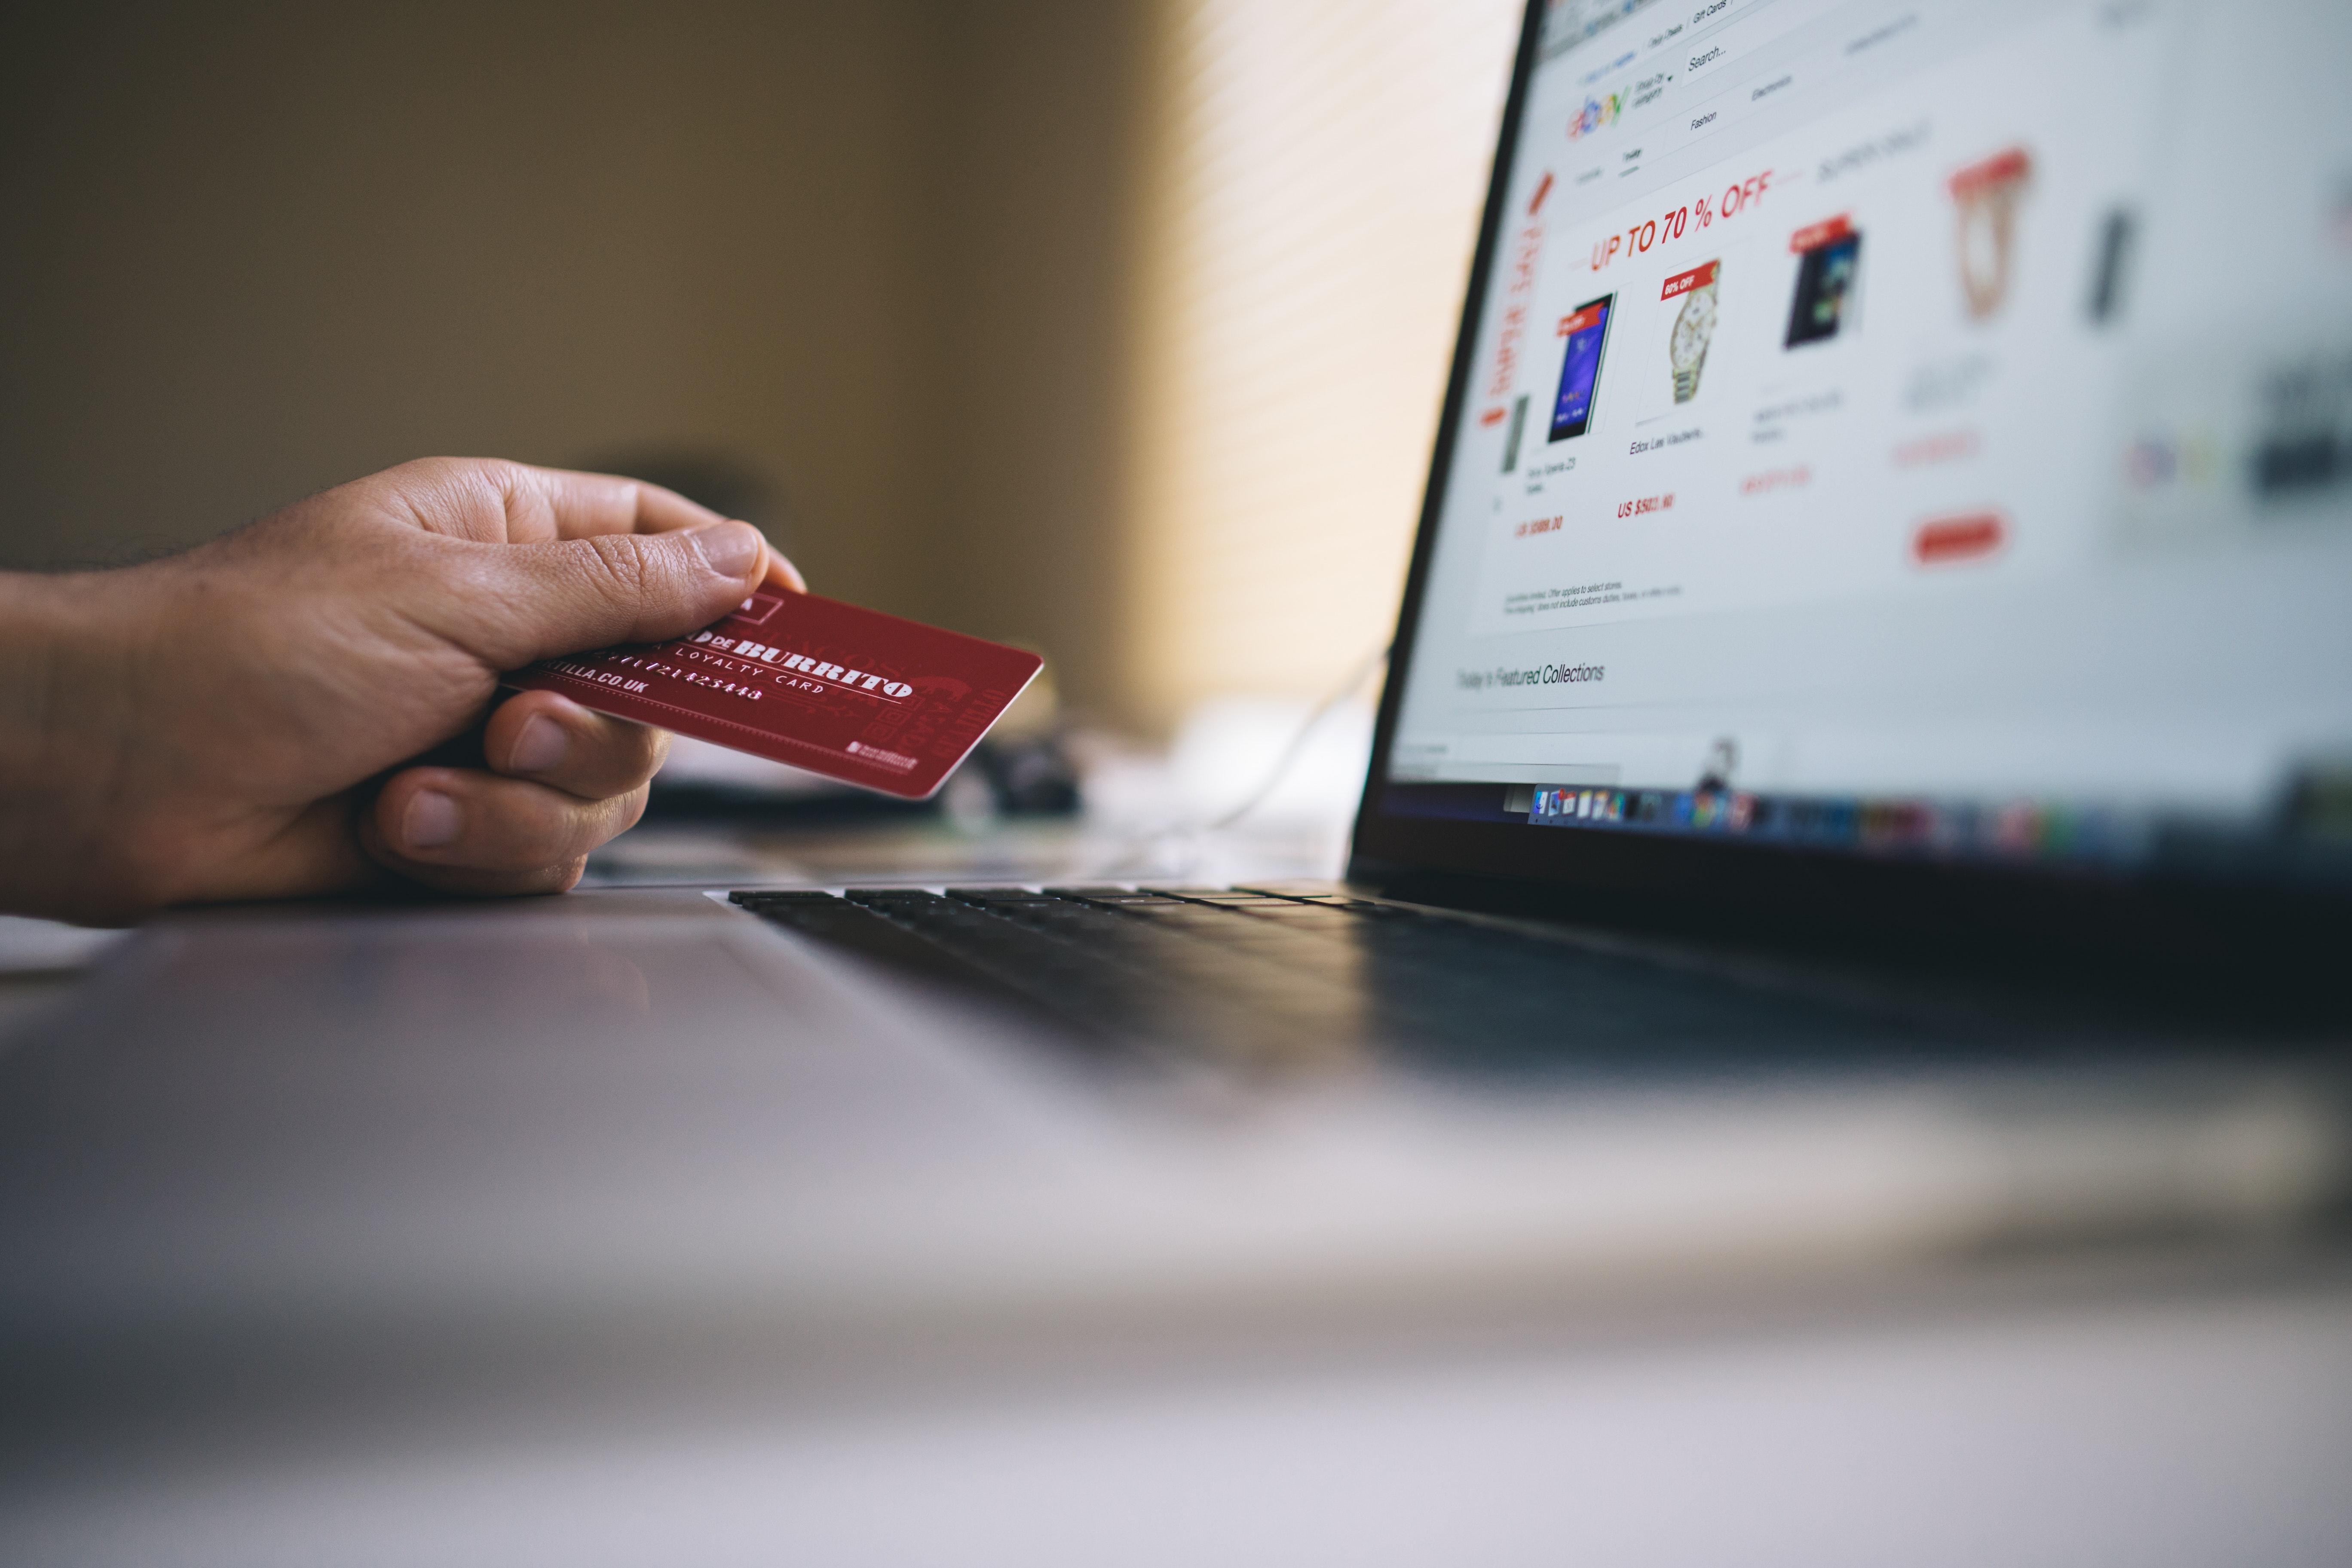 Prestashop, le CMS e-commerce numéro 1 en France